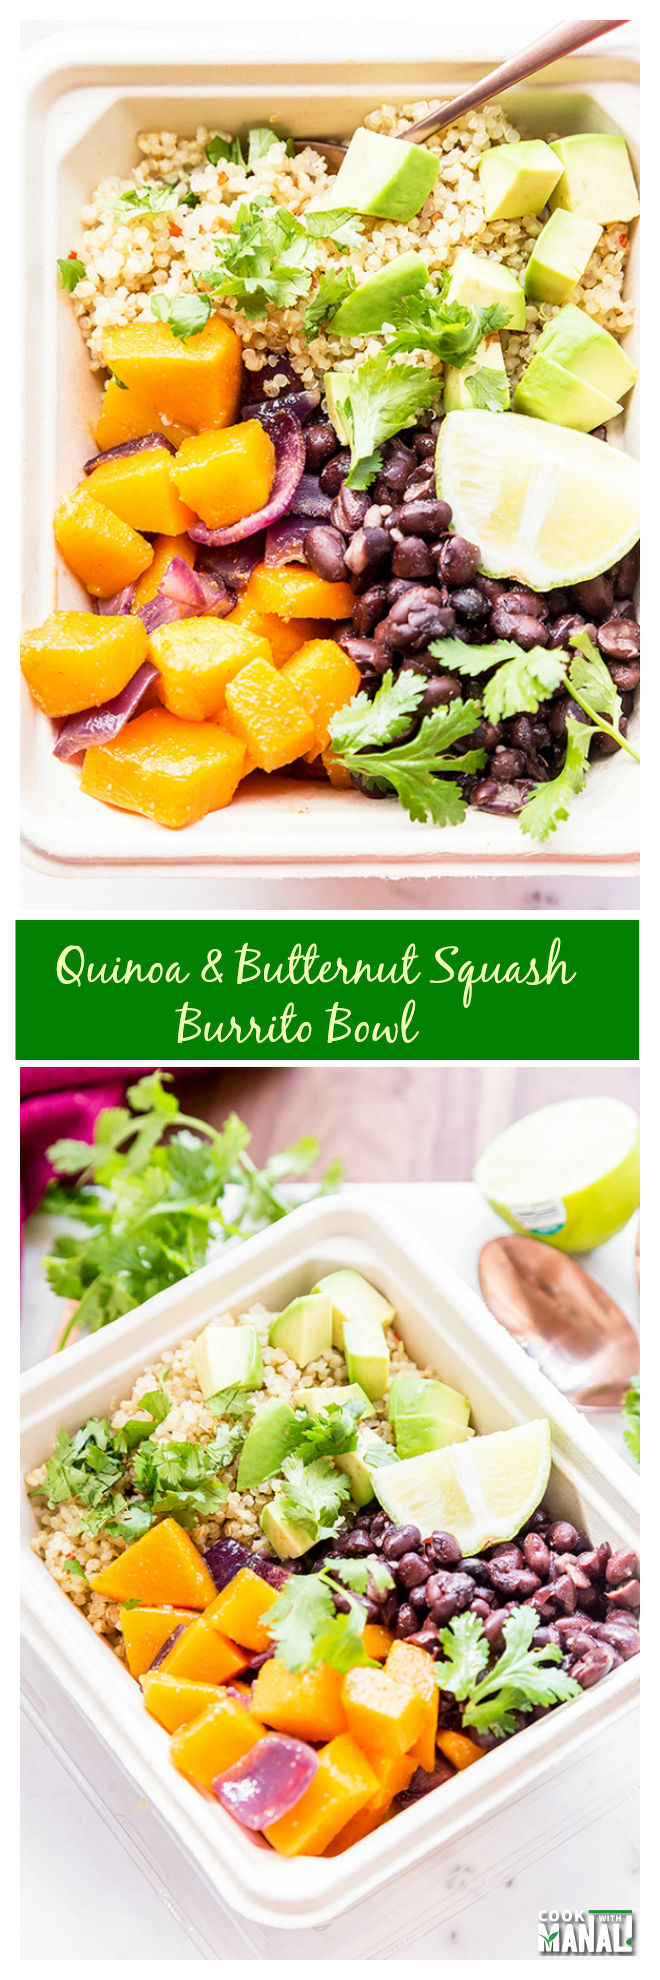 quinoa-butternut-squash-burrito-bowl-collage